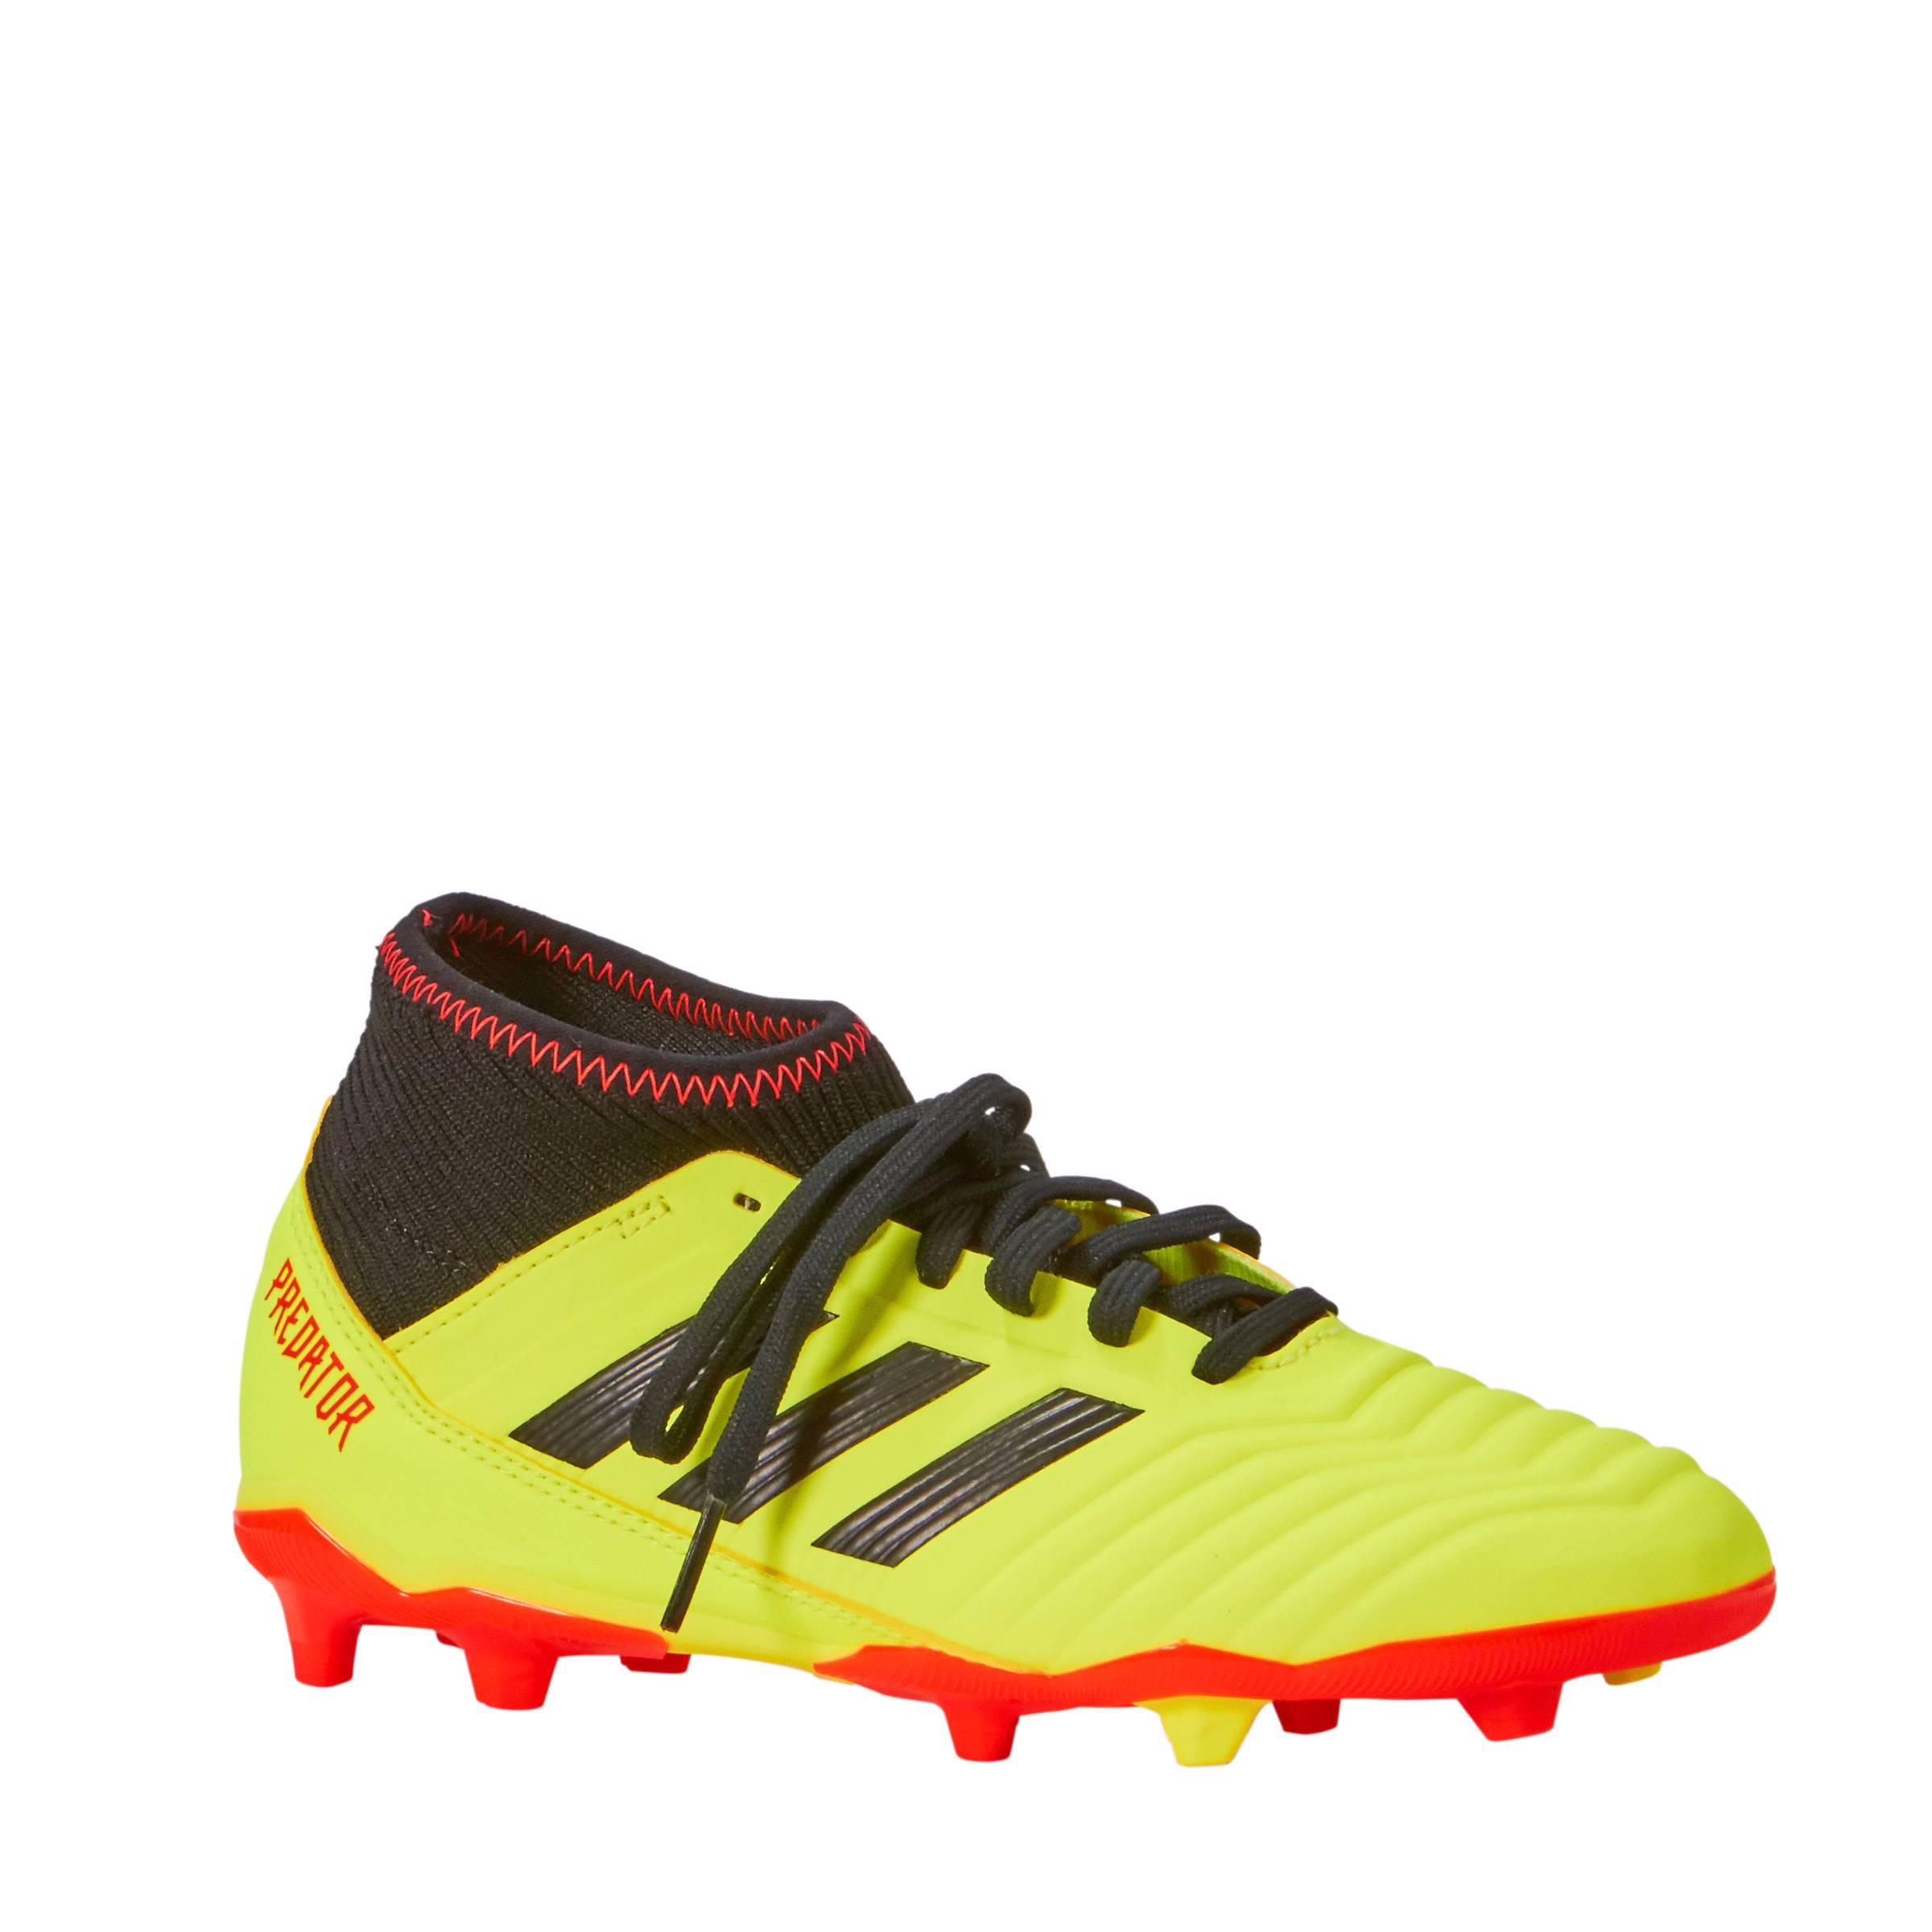 adidas Predator 18.3 FG voetbalschoenen | wehkamp